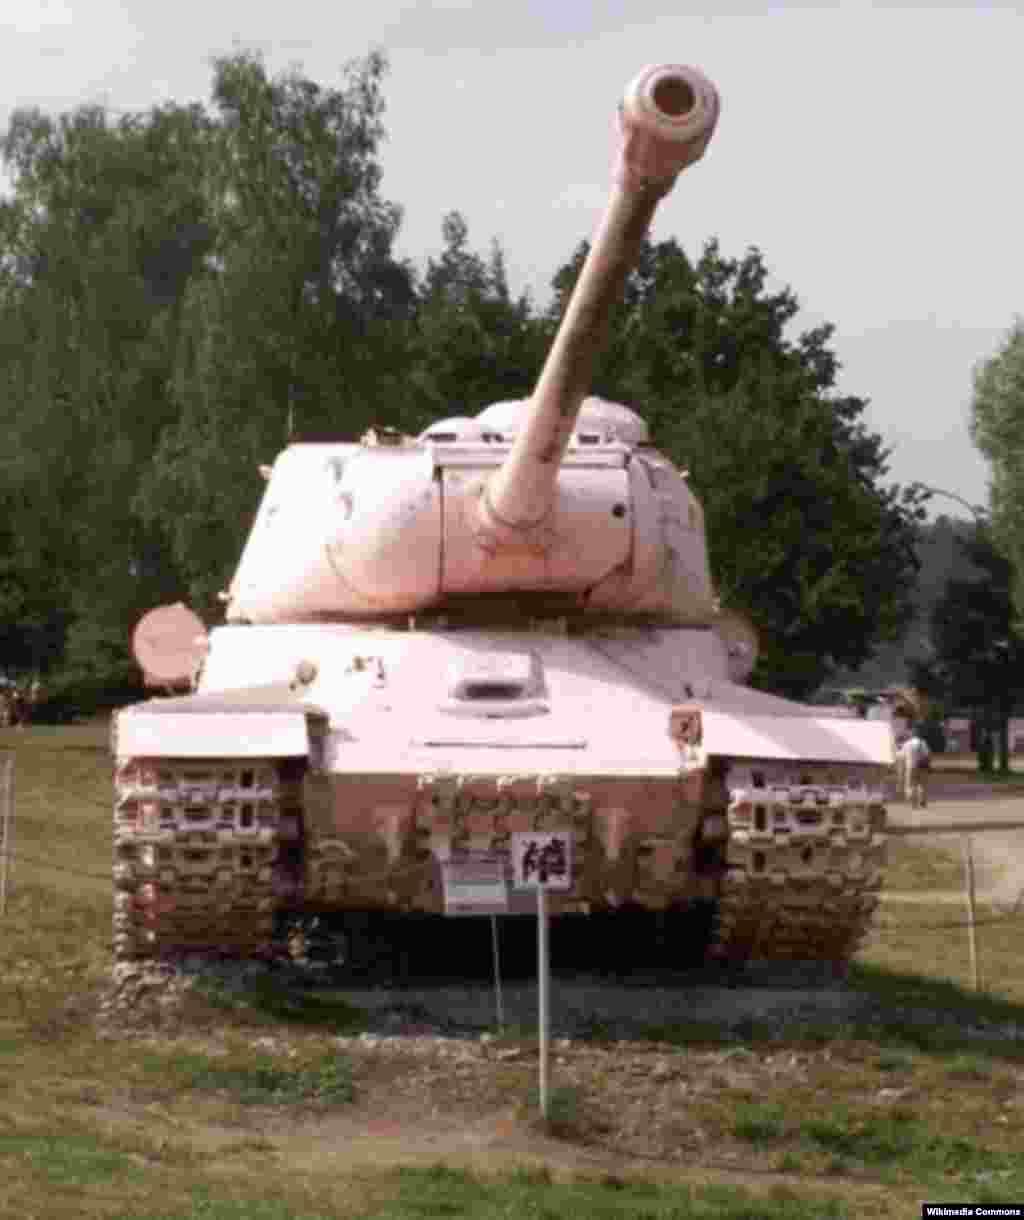 Перекрашенный в розовый цвет советский танк находится ныне на территории Военно-Технического музея в деревне Лешаны близ Праги.